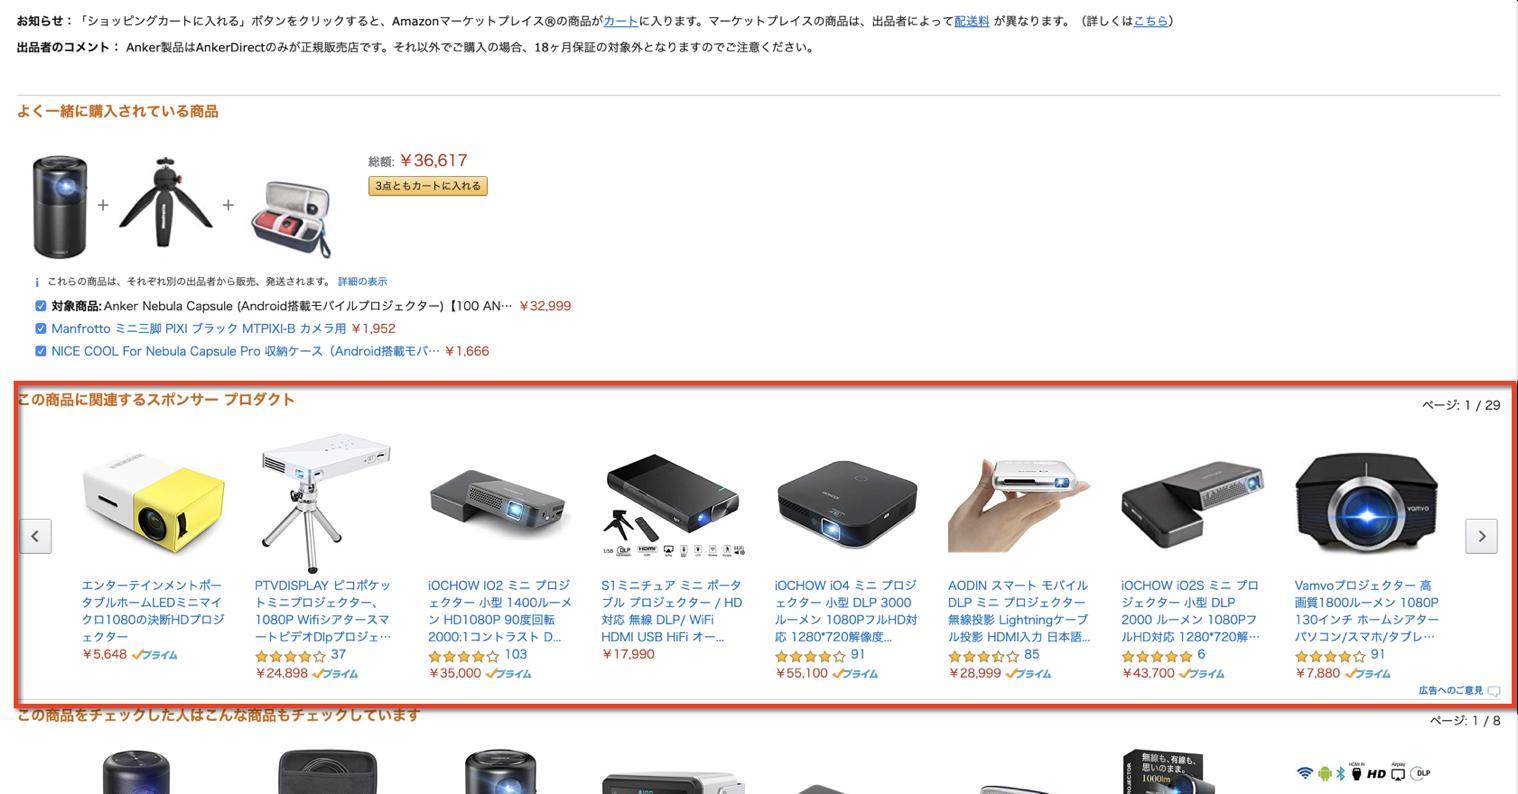 amazonスポンサープロダクト広告商品ターゲット